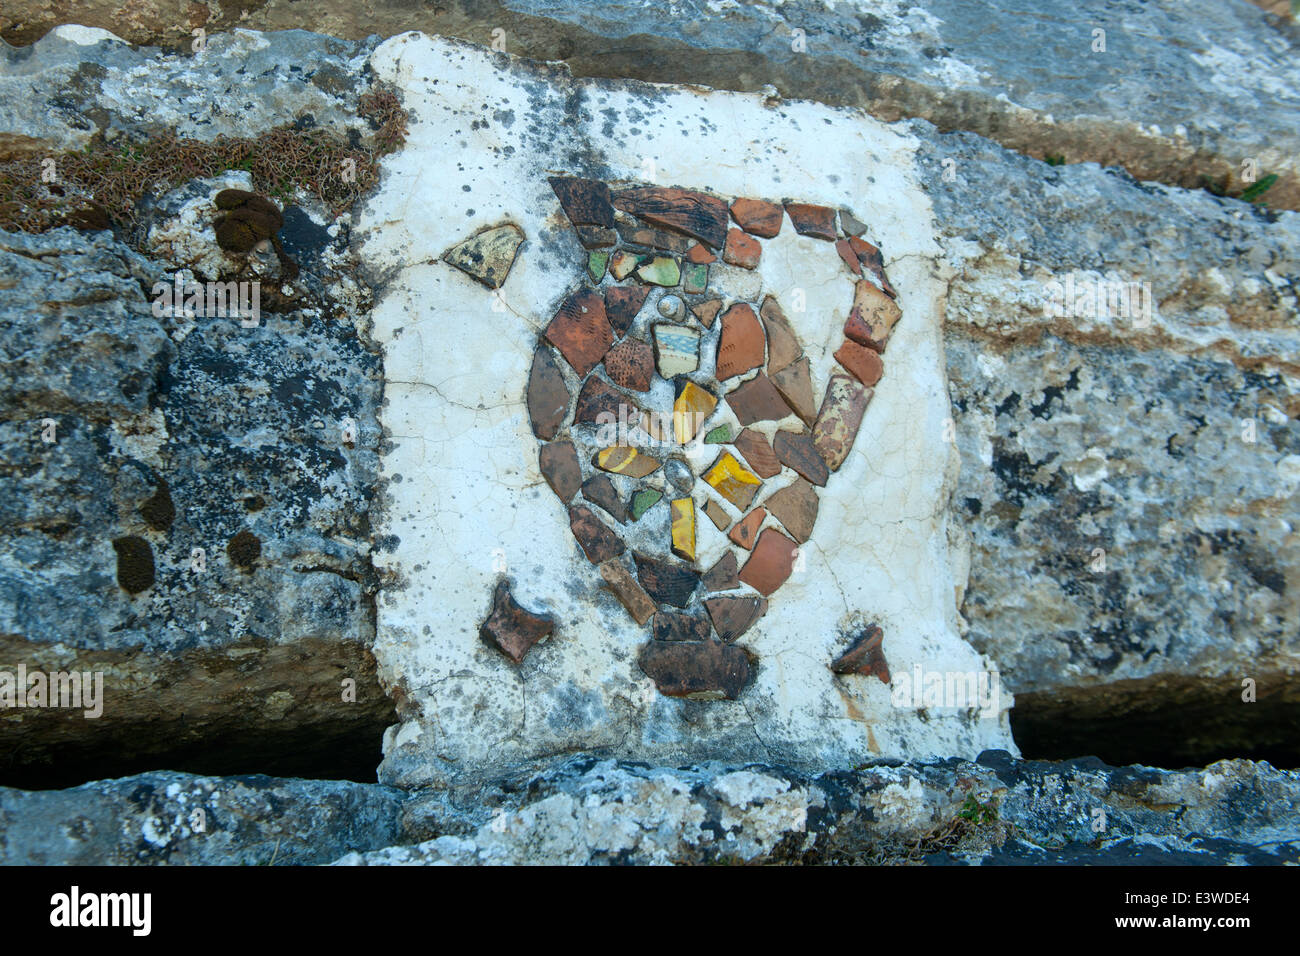 Griechenland, Symi, Zeichen über den byzantinischen Weinpressen aus dem 10. Jh. - Stock Image